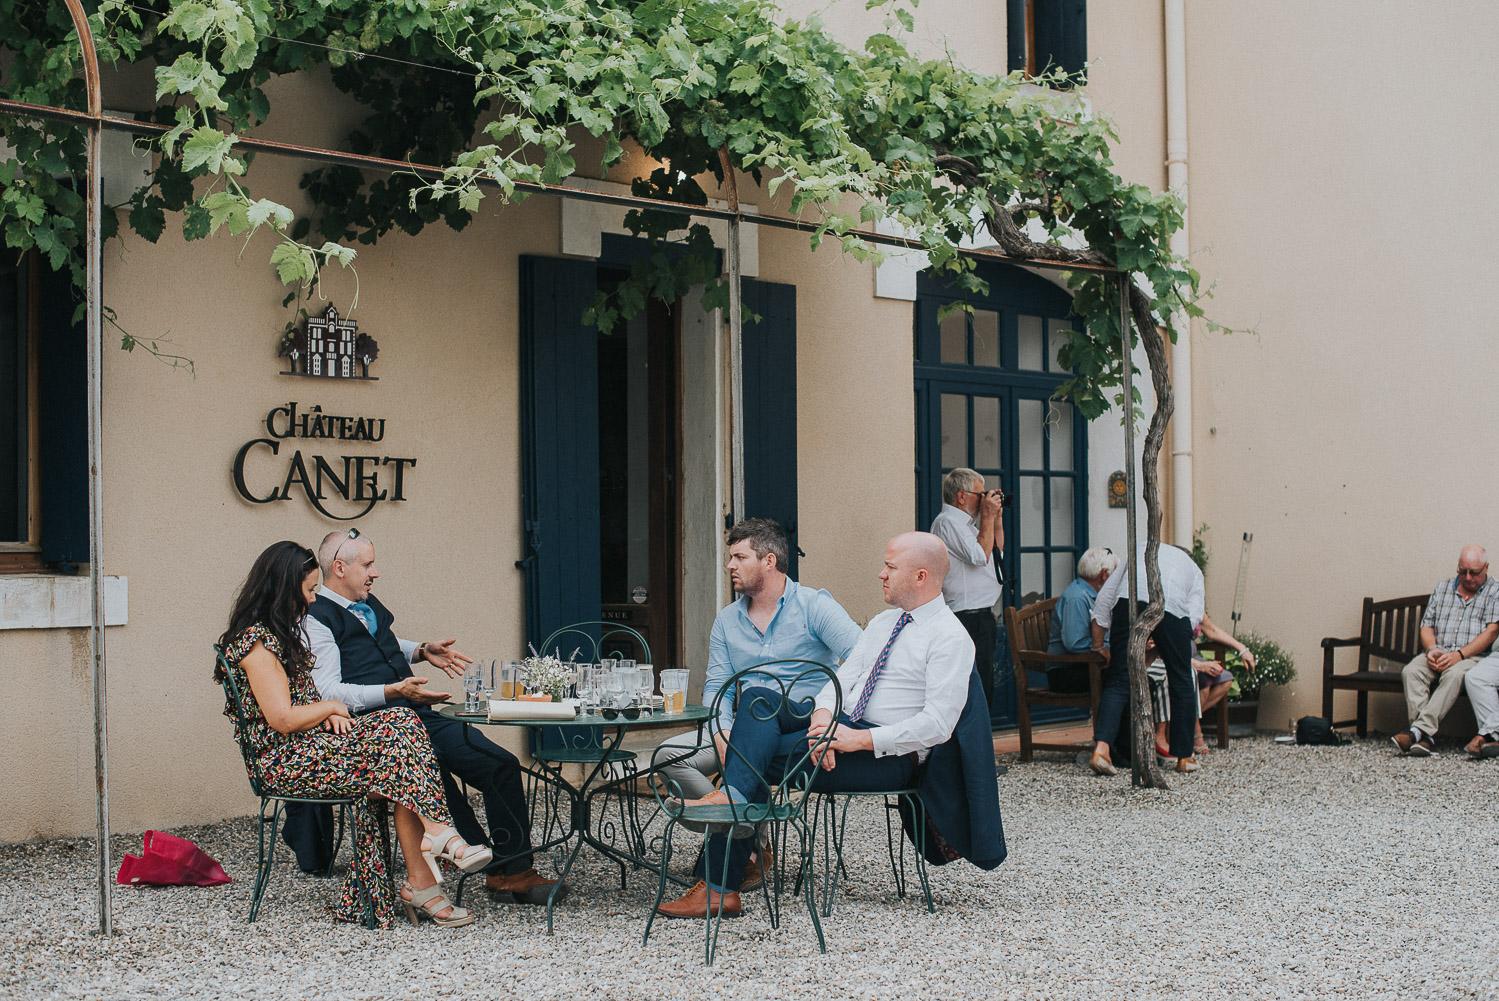 chateau_canet_carcassonne_wedding_katy_webb_photography_france_UK178